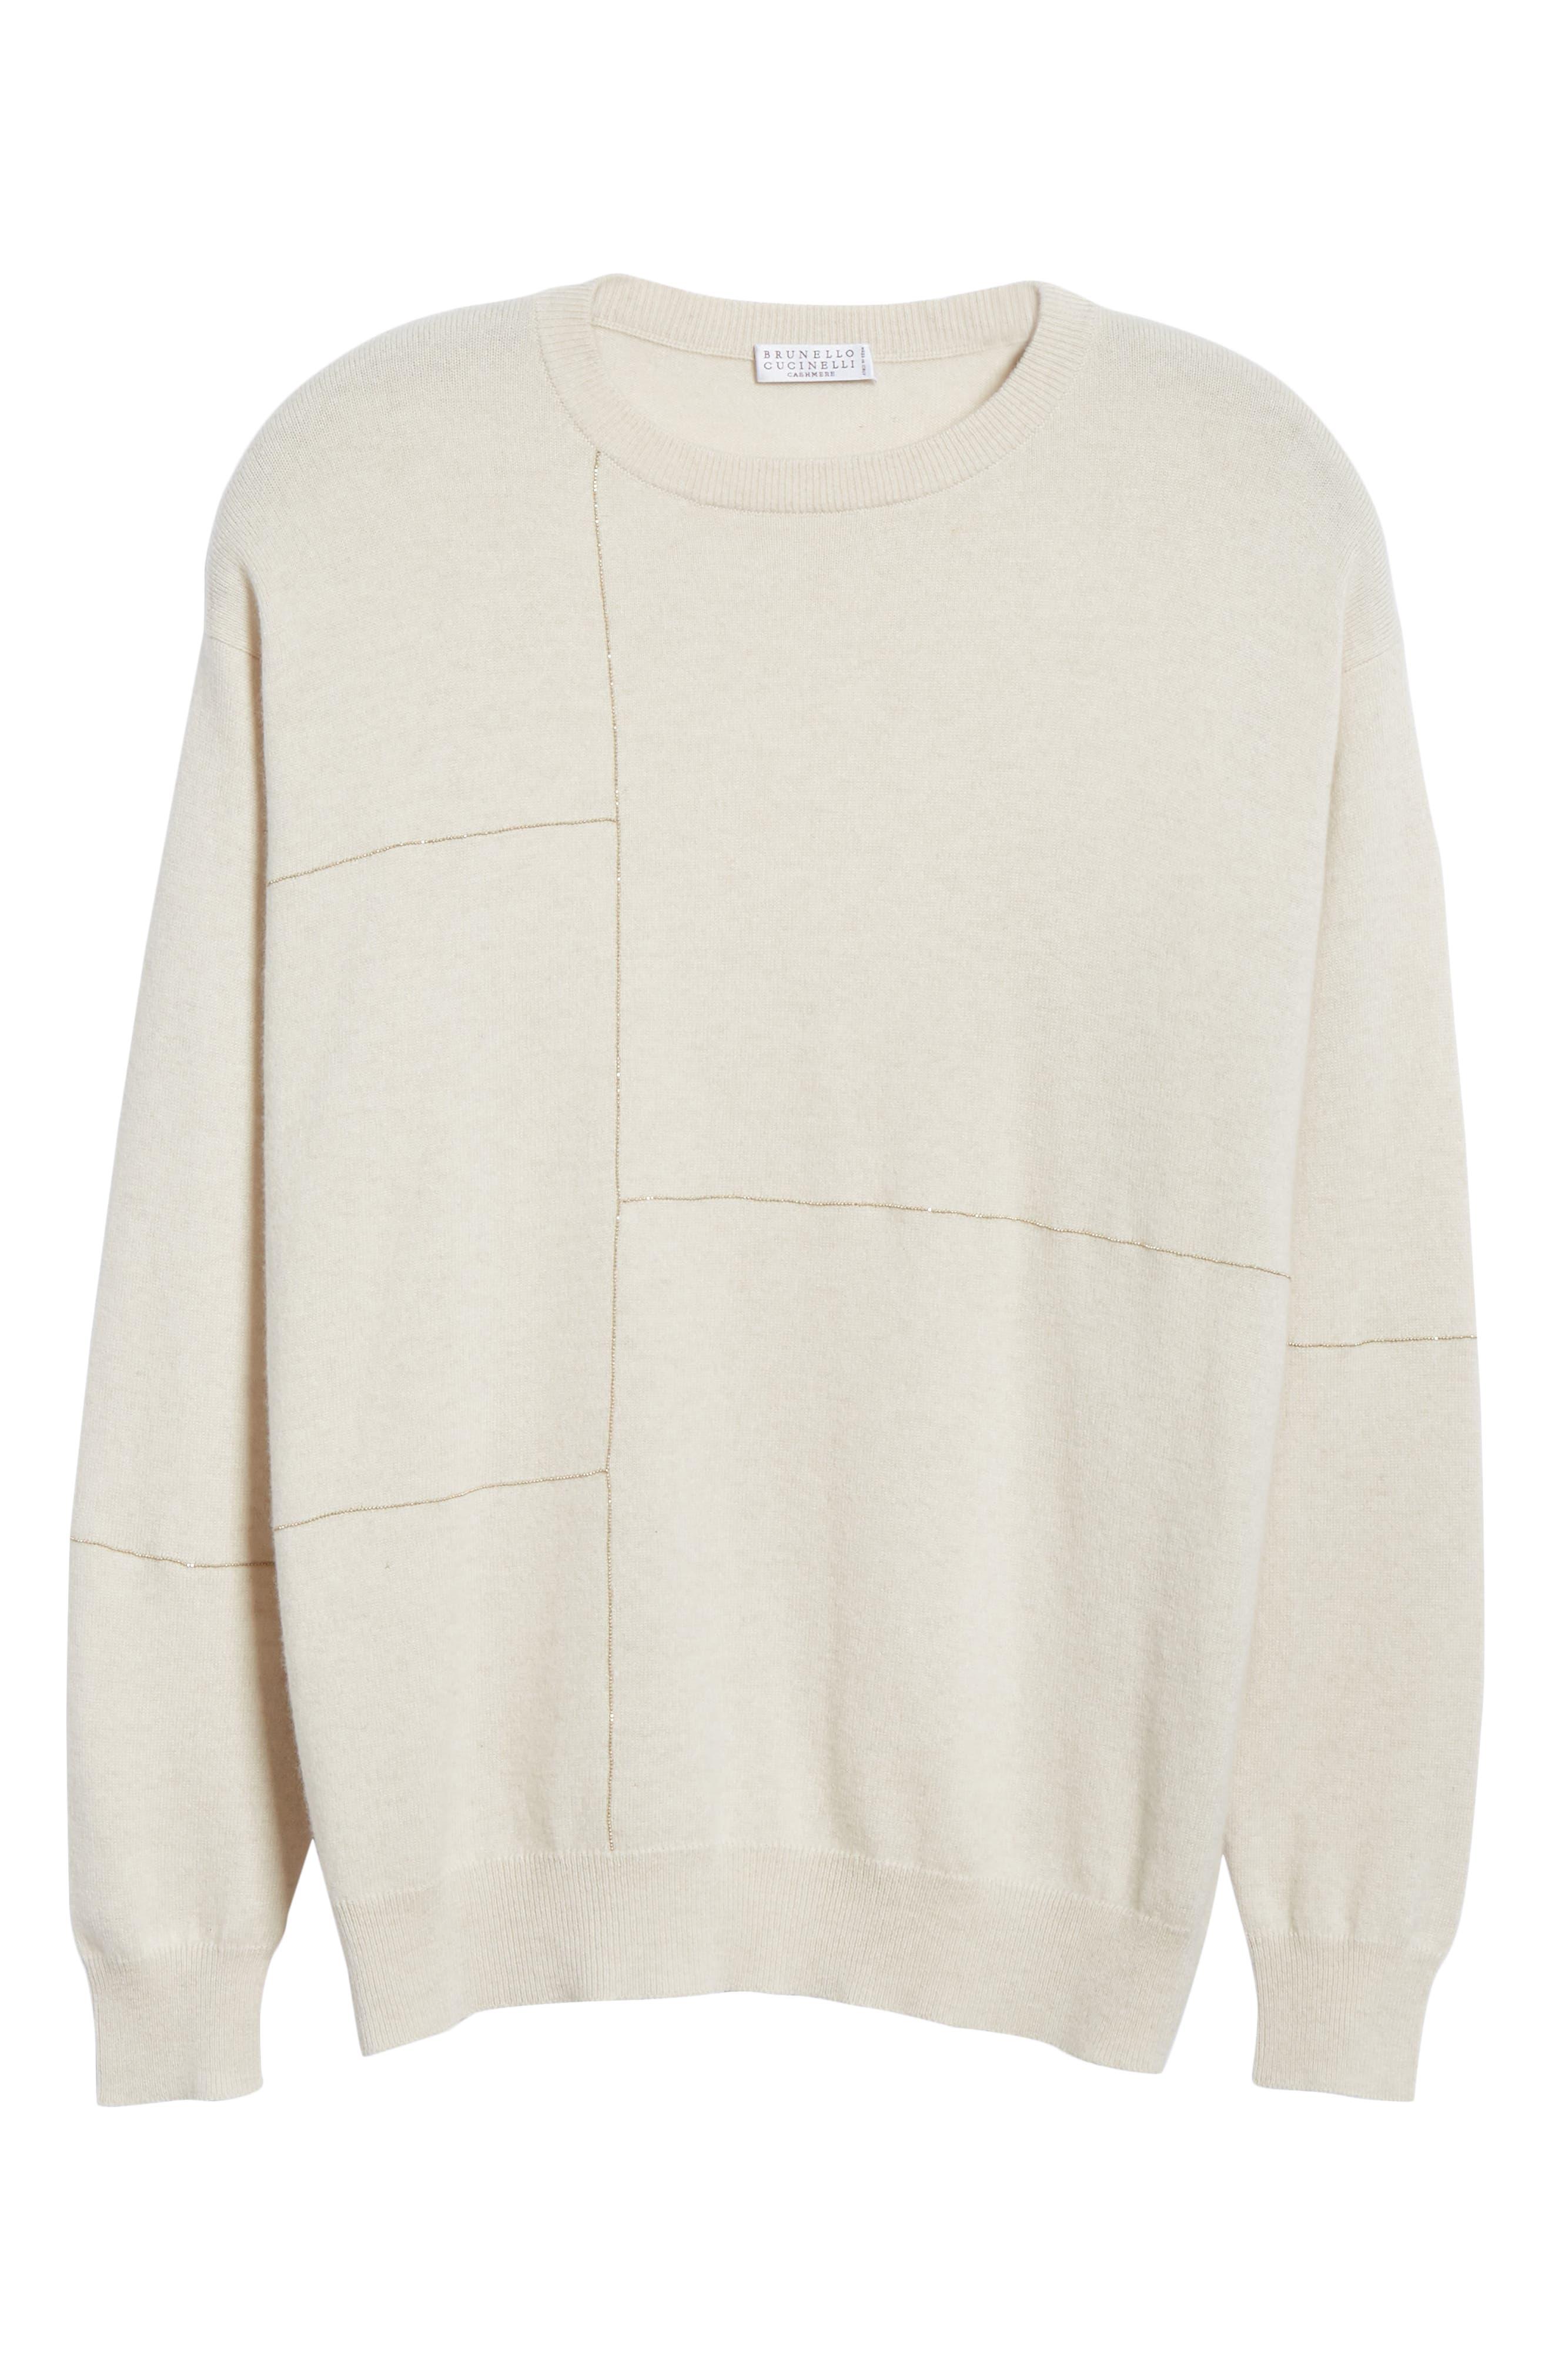 Monili Patchwork Cashmere Sweater,                             Alternate thumbnail 6, color,                             BUTTERMILK